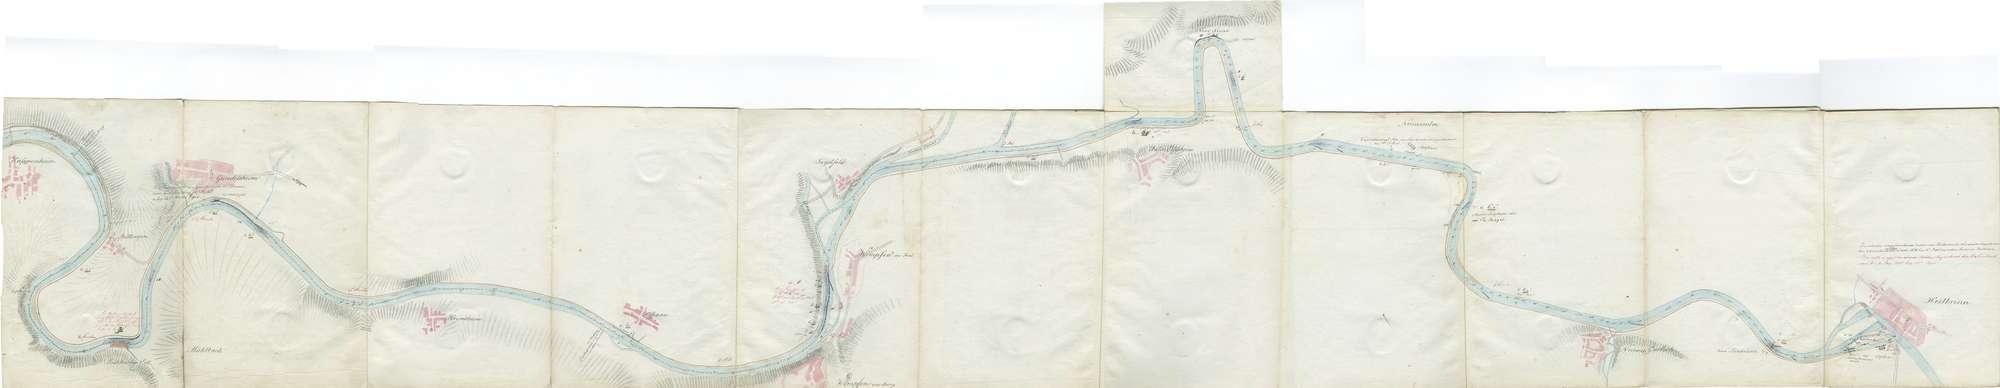 Karte über den Lauf des Neckars von Mannheim bis Heilbronn, Blatt I: Haßmersheim - Heilbronn, Bild 1